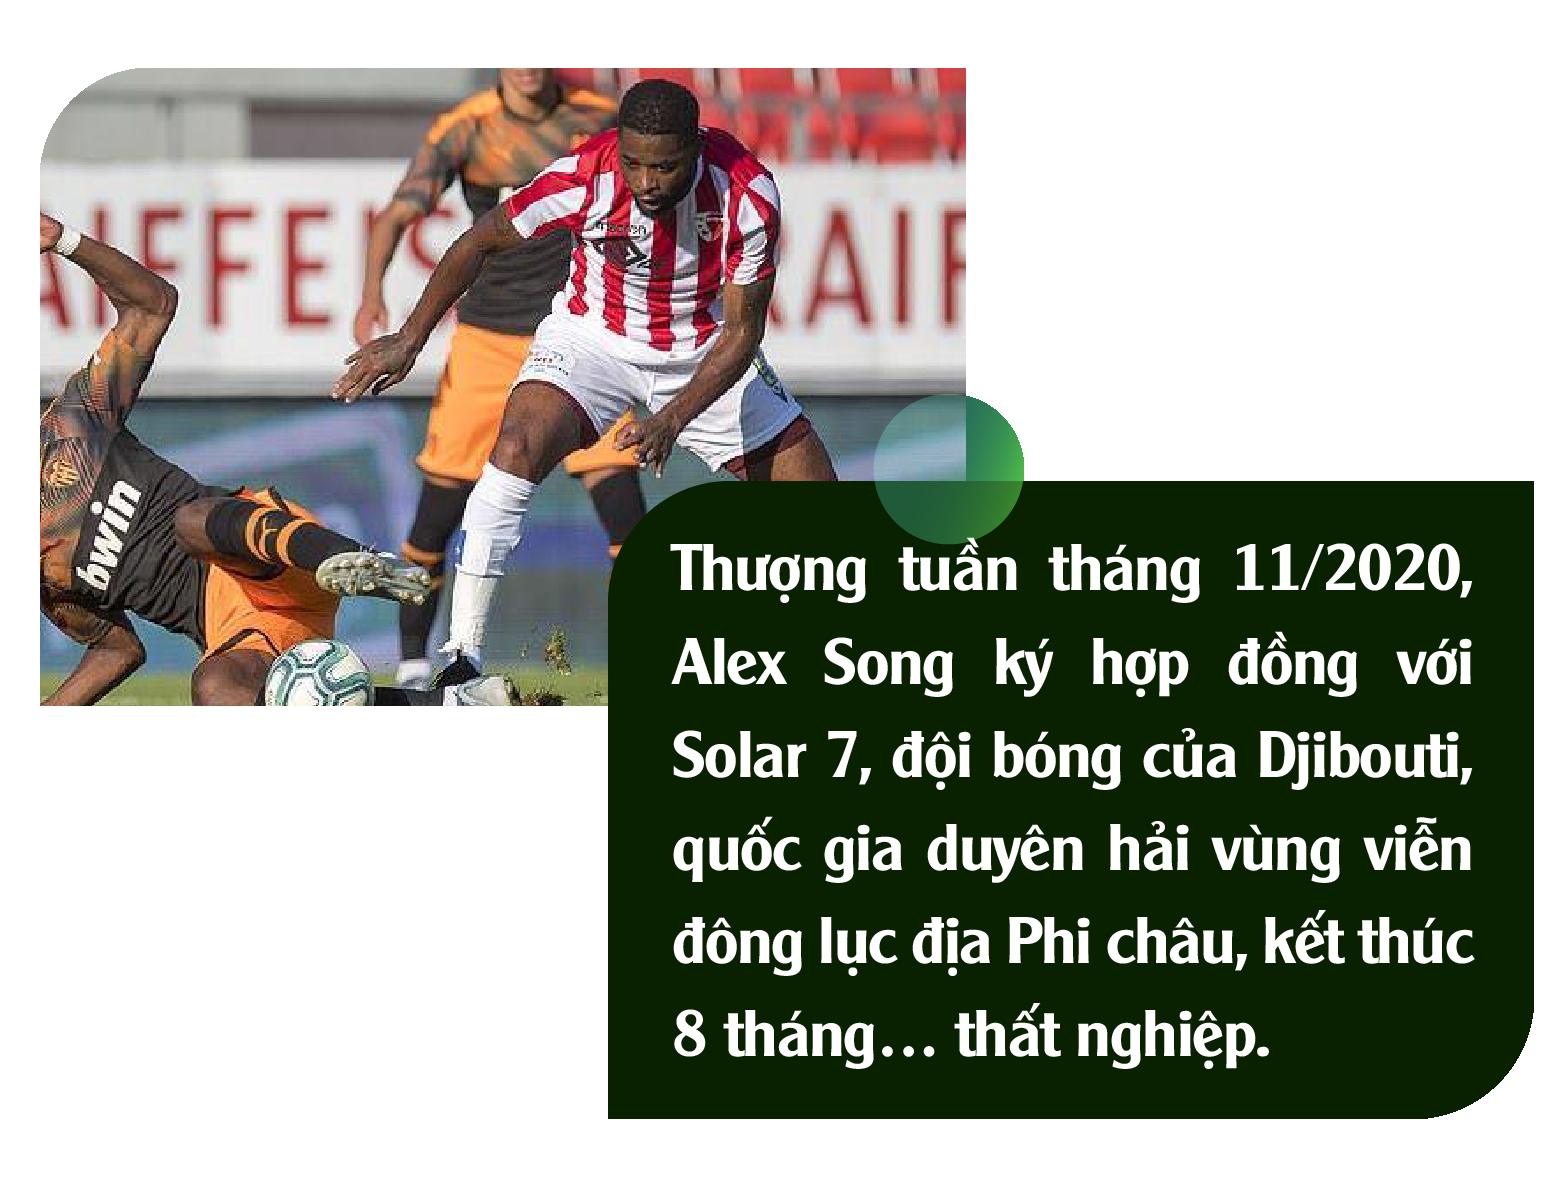 Alex Song: Ký ức nghèo khó và giấc mơ triệu phú đè nát 1 tài năng - Ảnh 3.